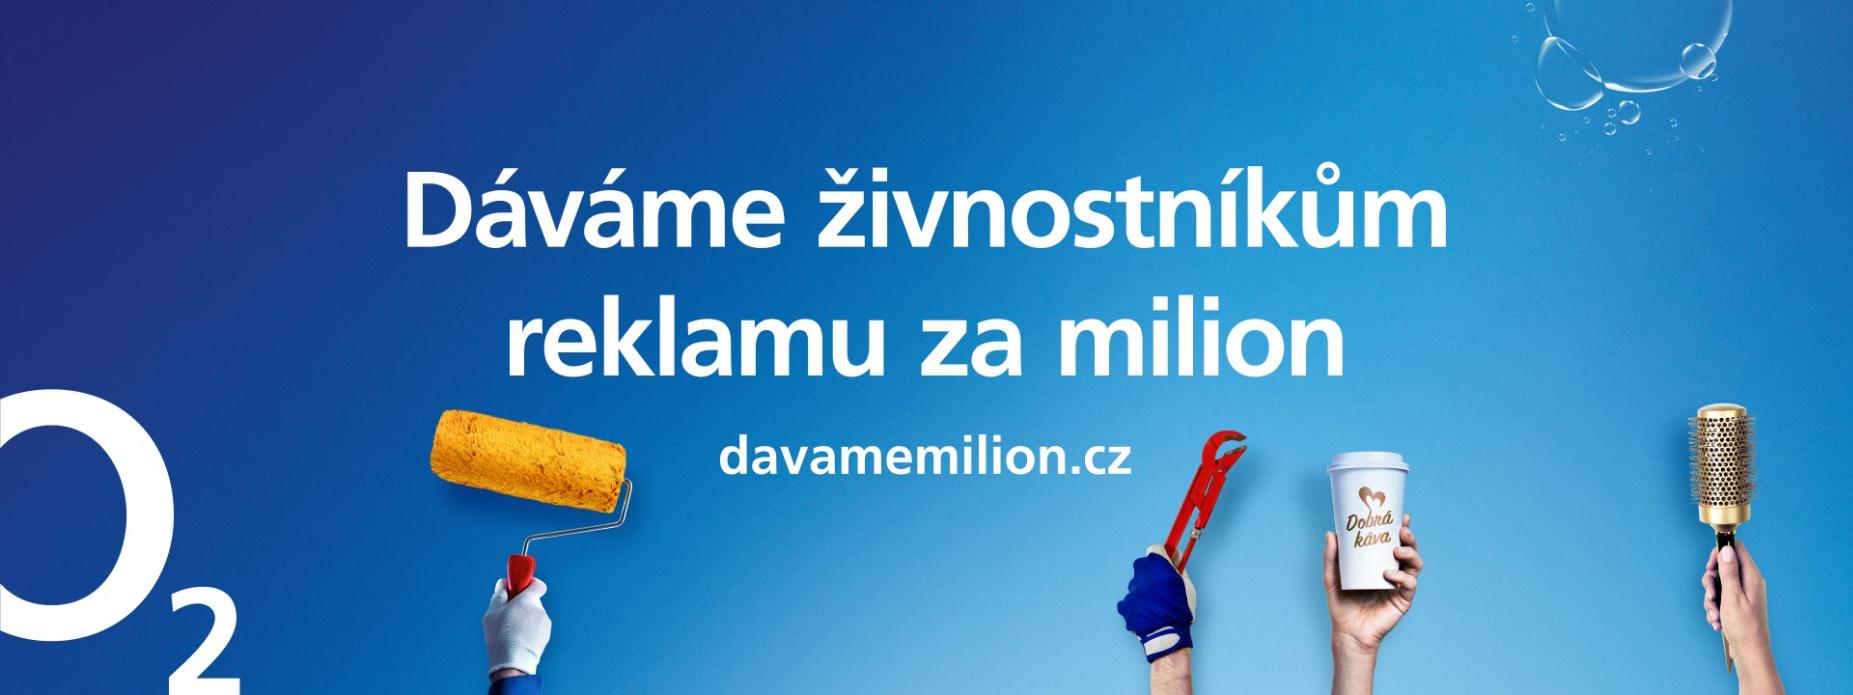 O2 dává milion